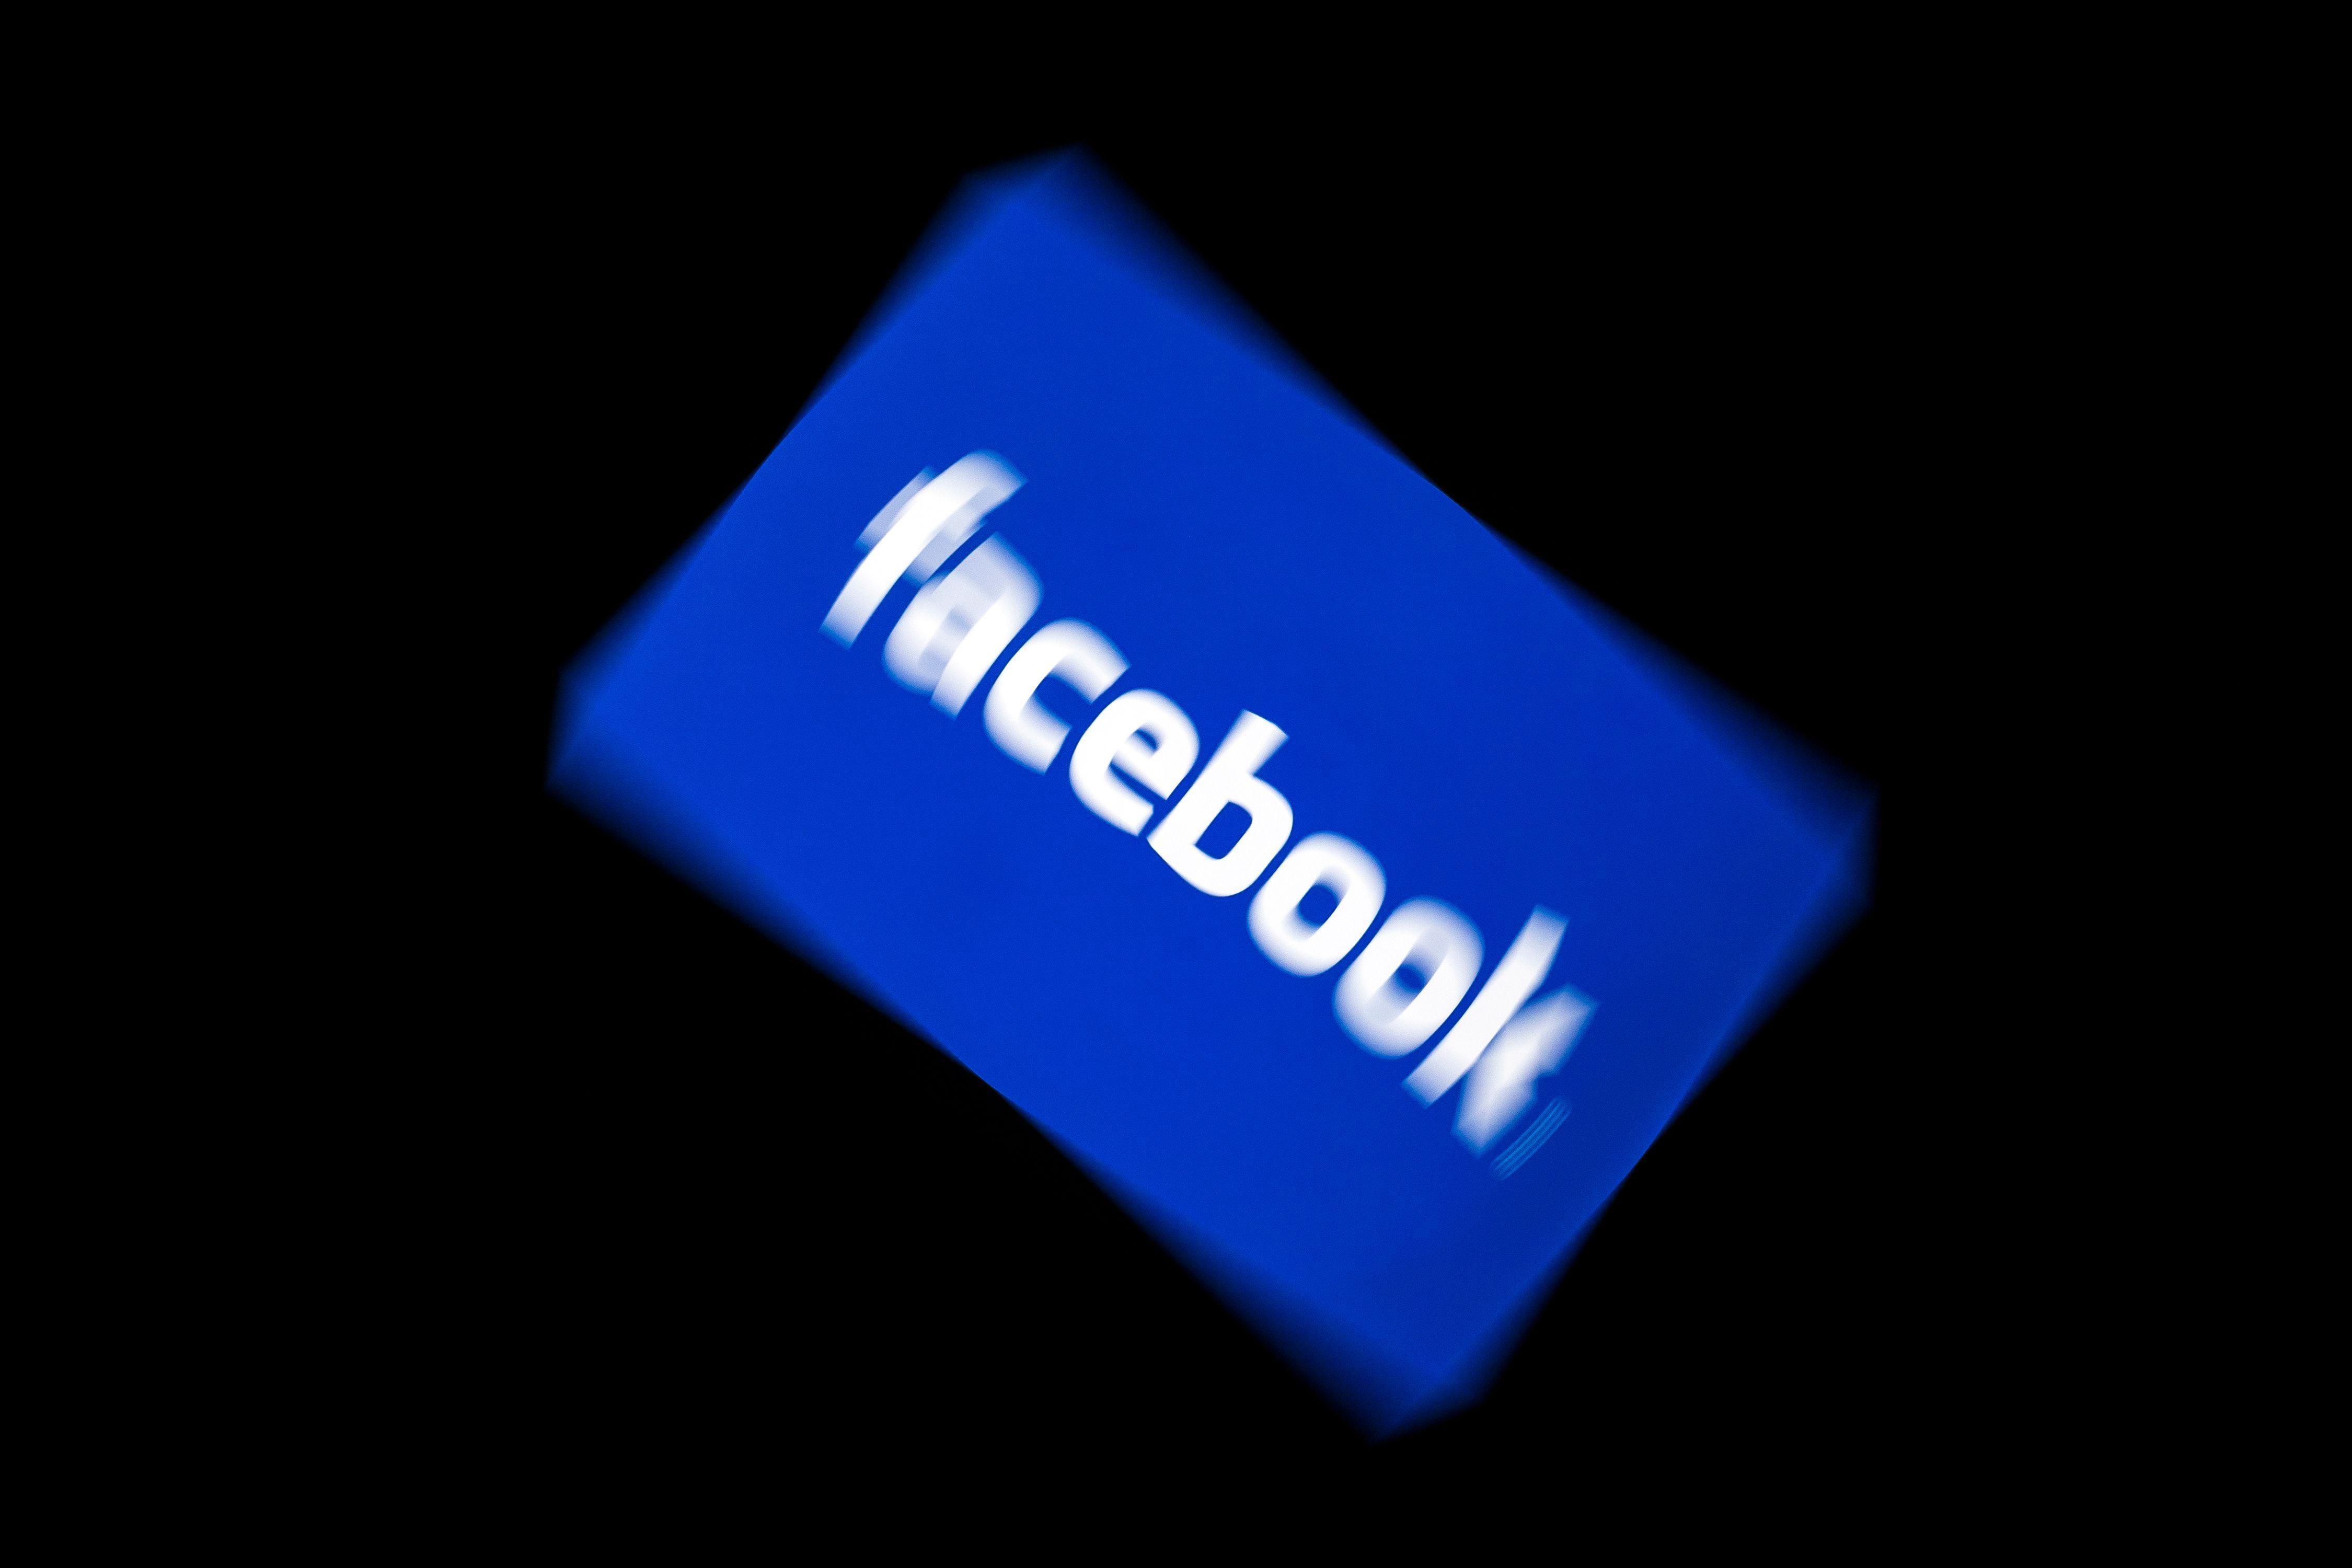 Facebook logo displayed on a tablet.